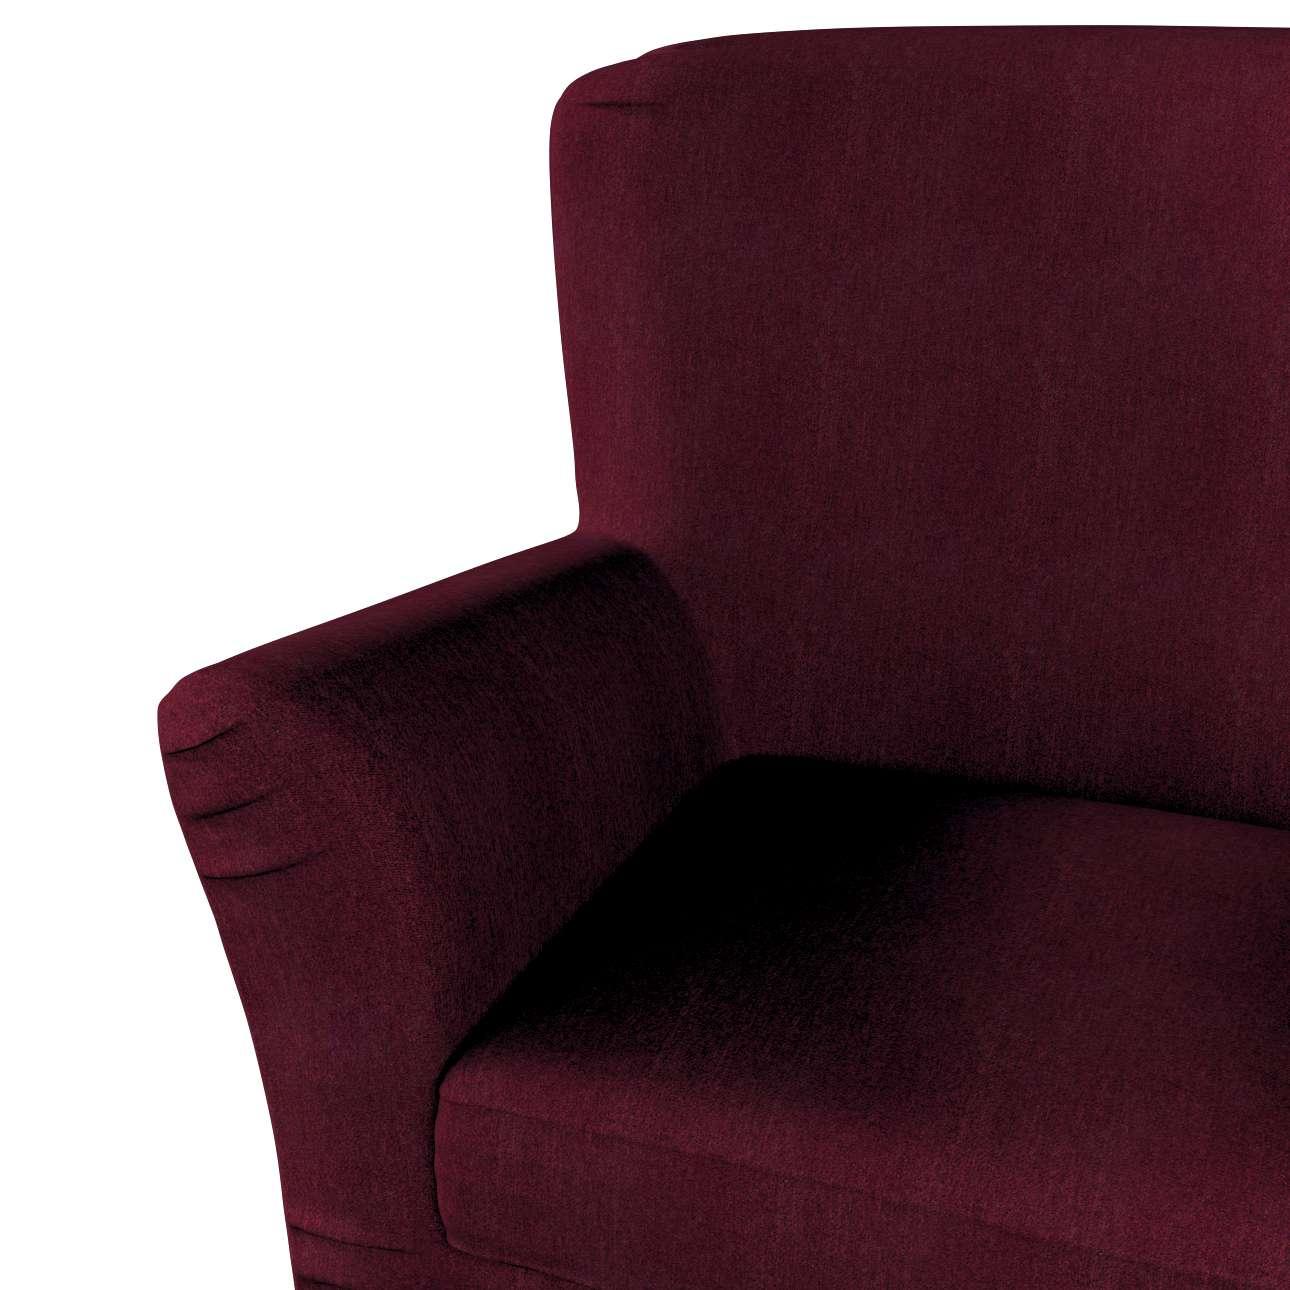 Pokrowiec na fotel Tomelilla z zakładkami w kolekcji Chenille, tkanina: 702-19